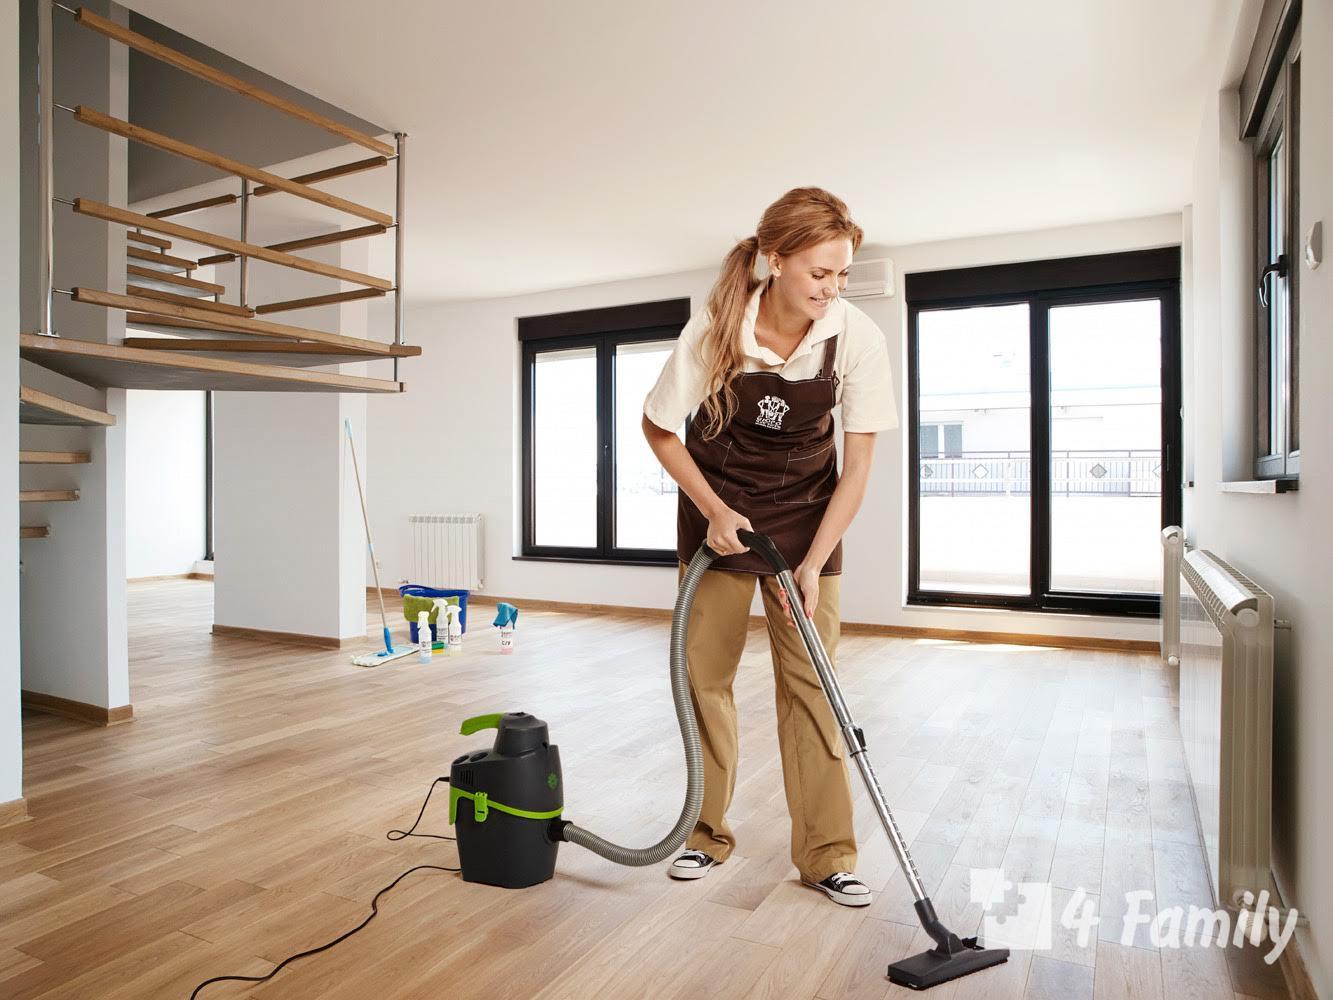 4family Лайфхаки по уборке в доме для опытных хозяек